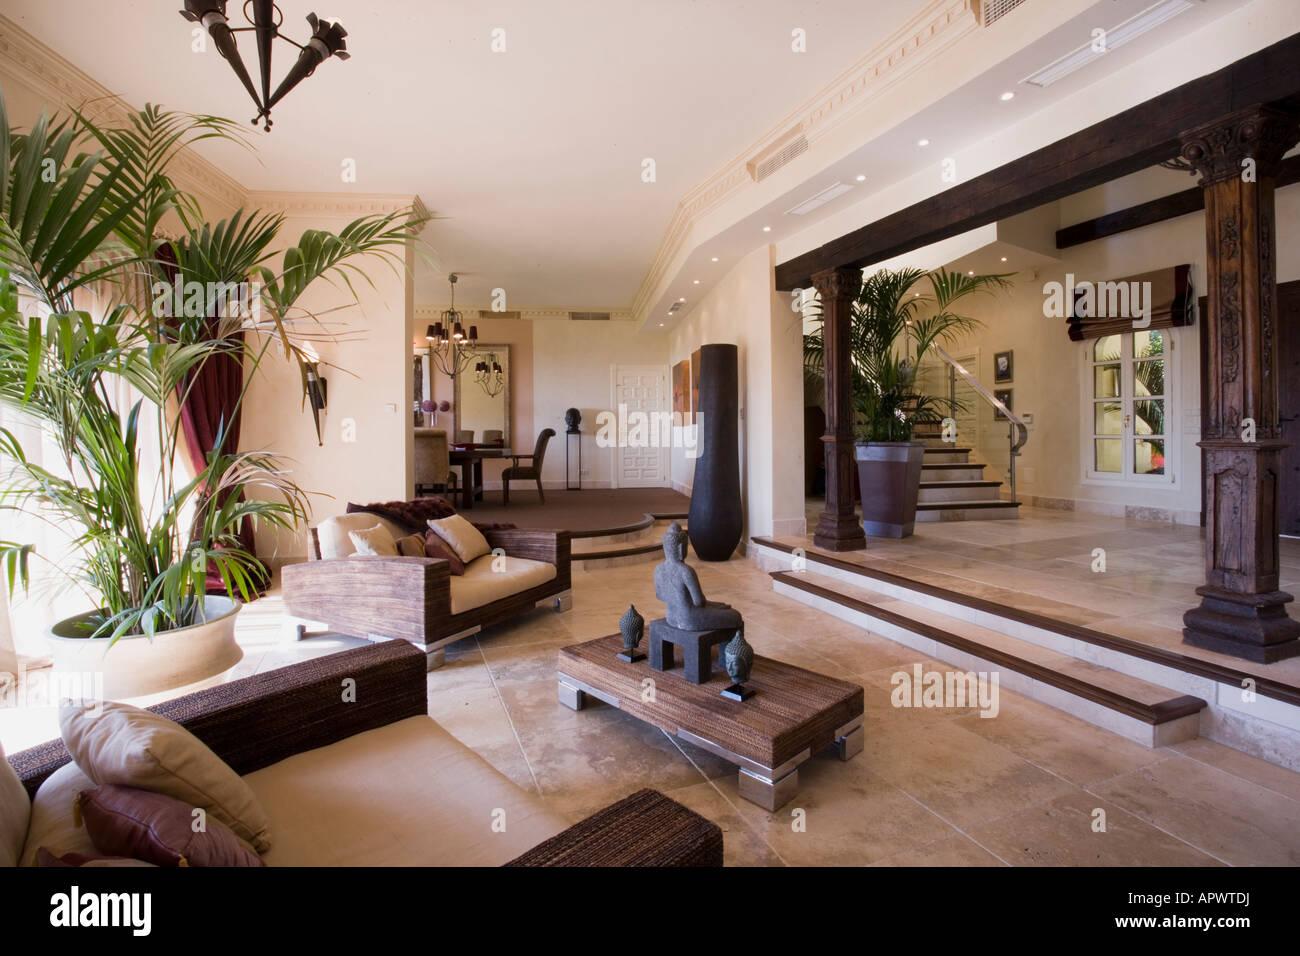 Moderne spanische Villa Wohnzimmer in der Abenddämmerung Stockfoto ...